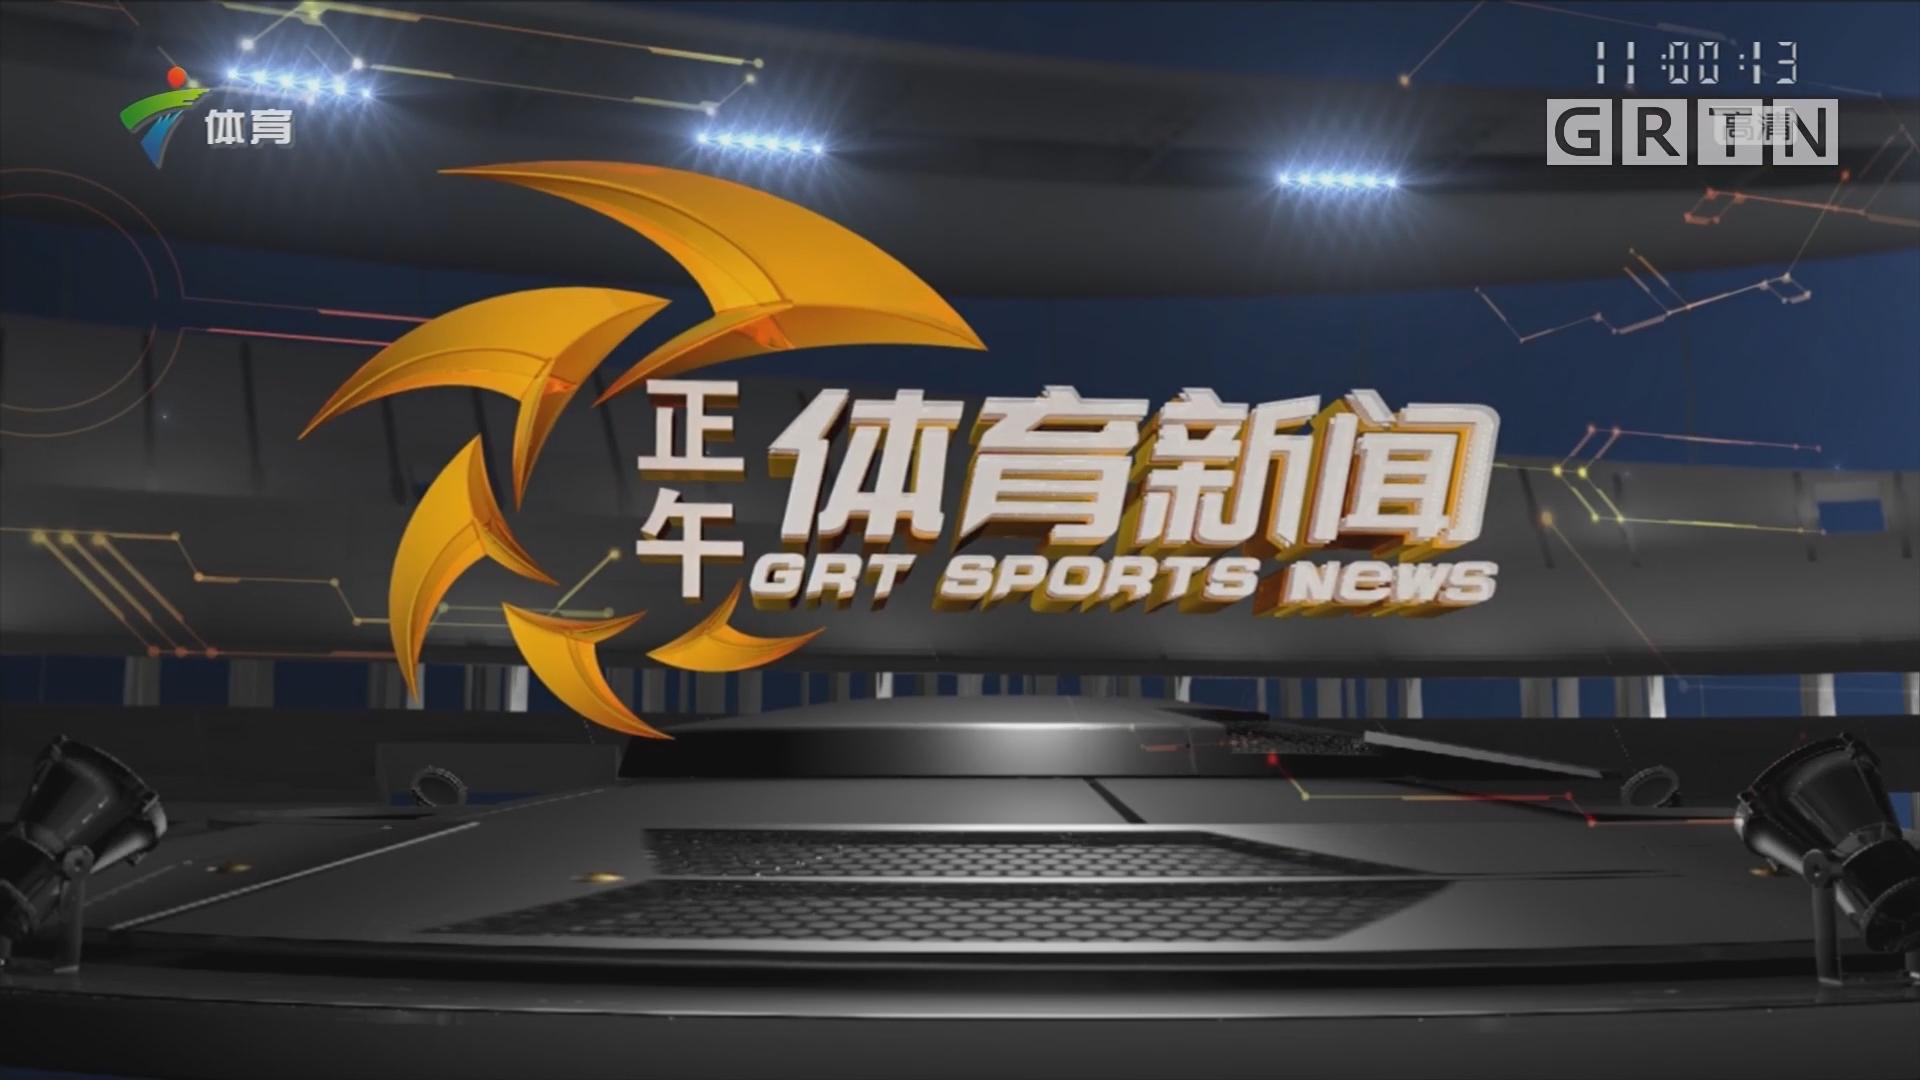 [HD][2018-02-07]正午体育新闻:苏炳添再破60米亚洲纪录 6秒43成历史第五